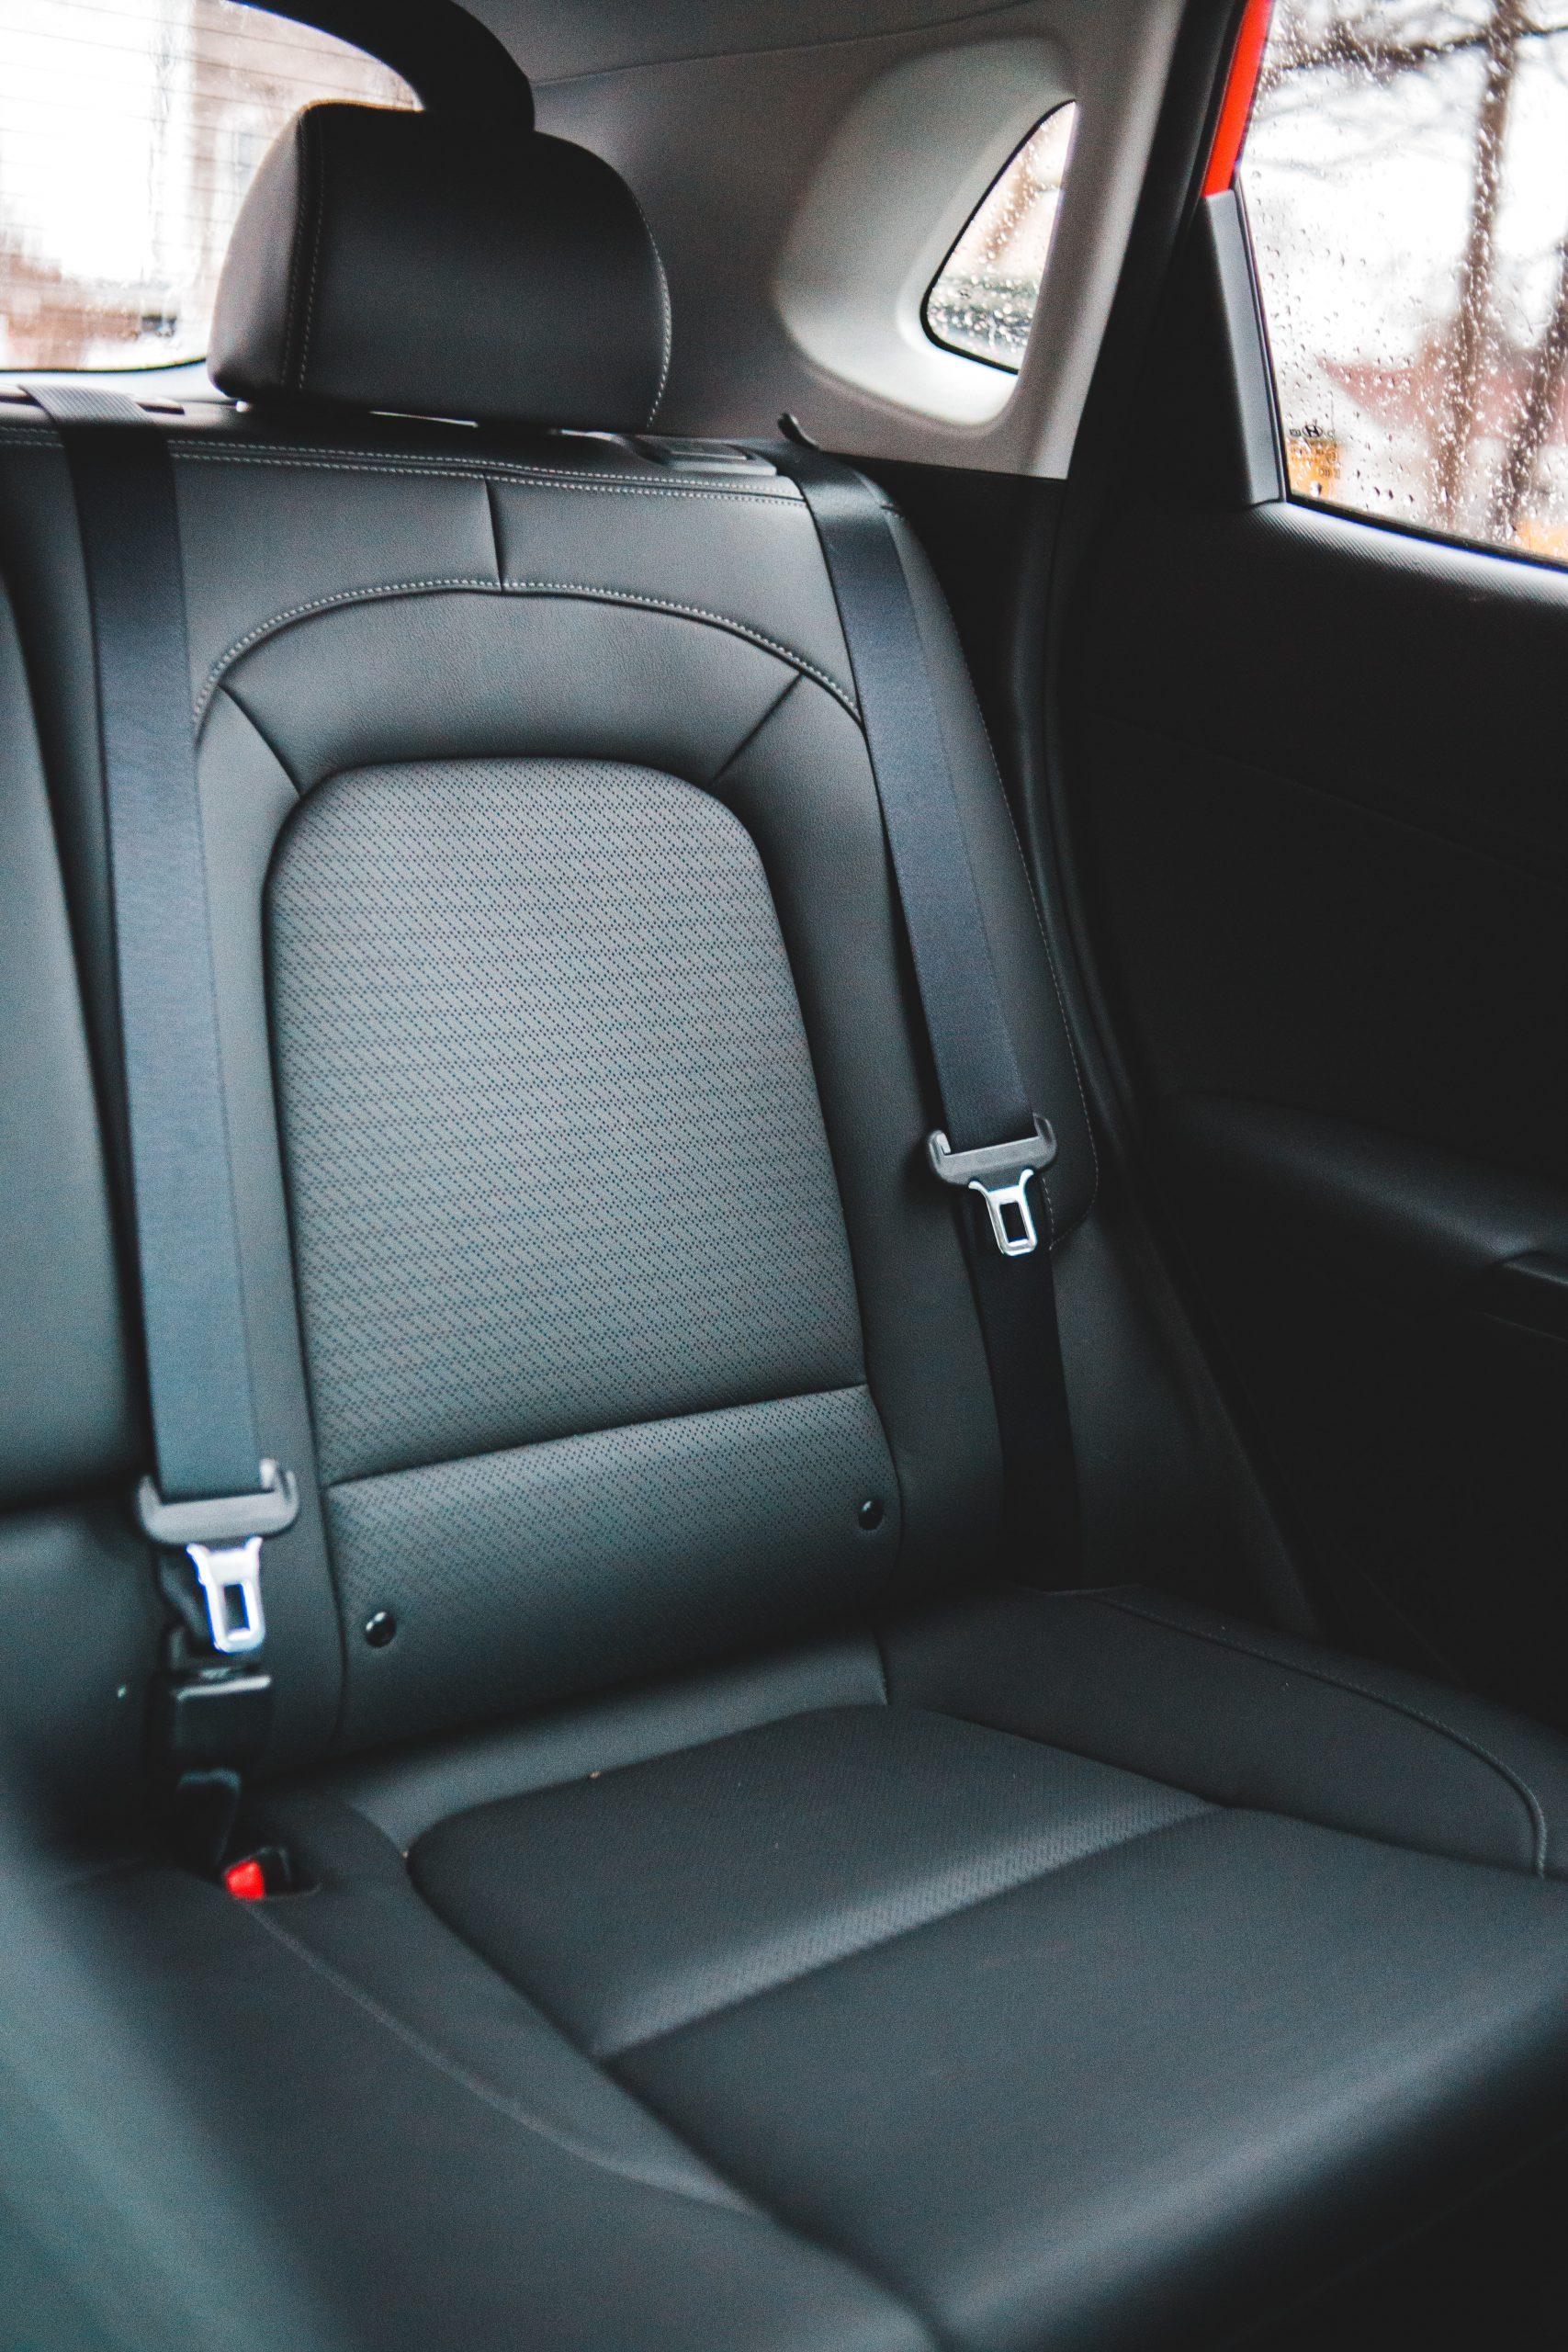 Welke opties heb je voor de bekleding van je autostoel?